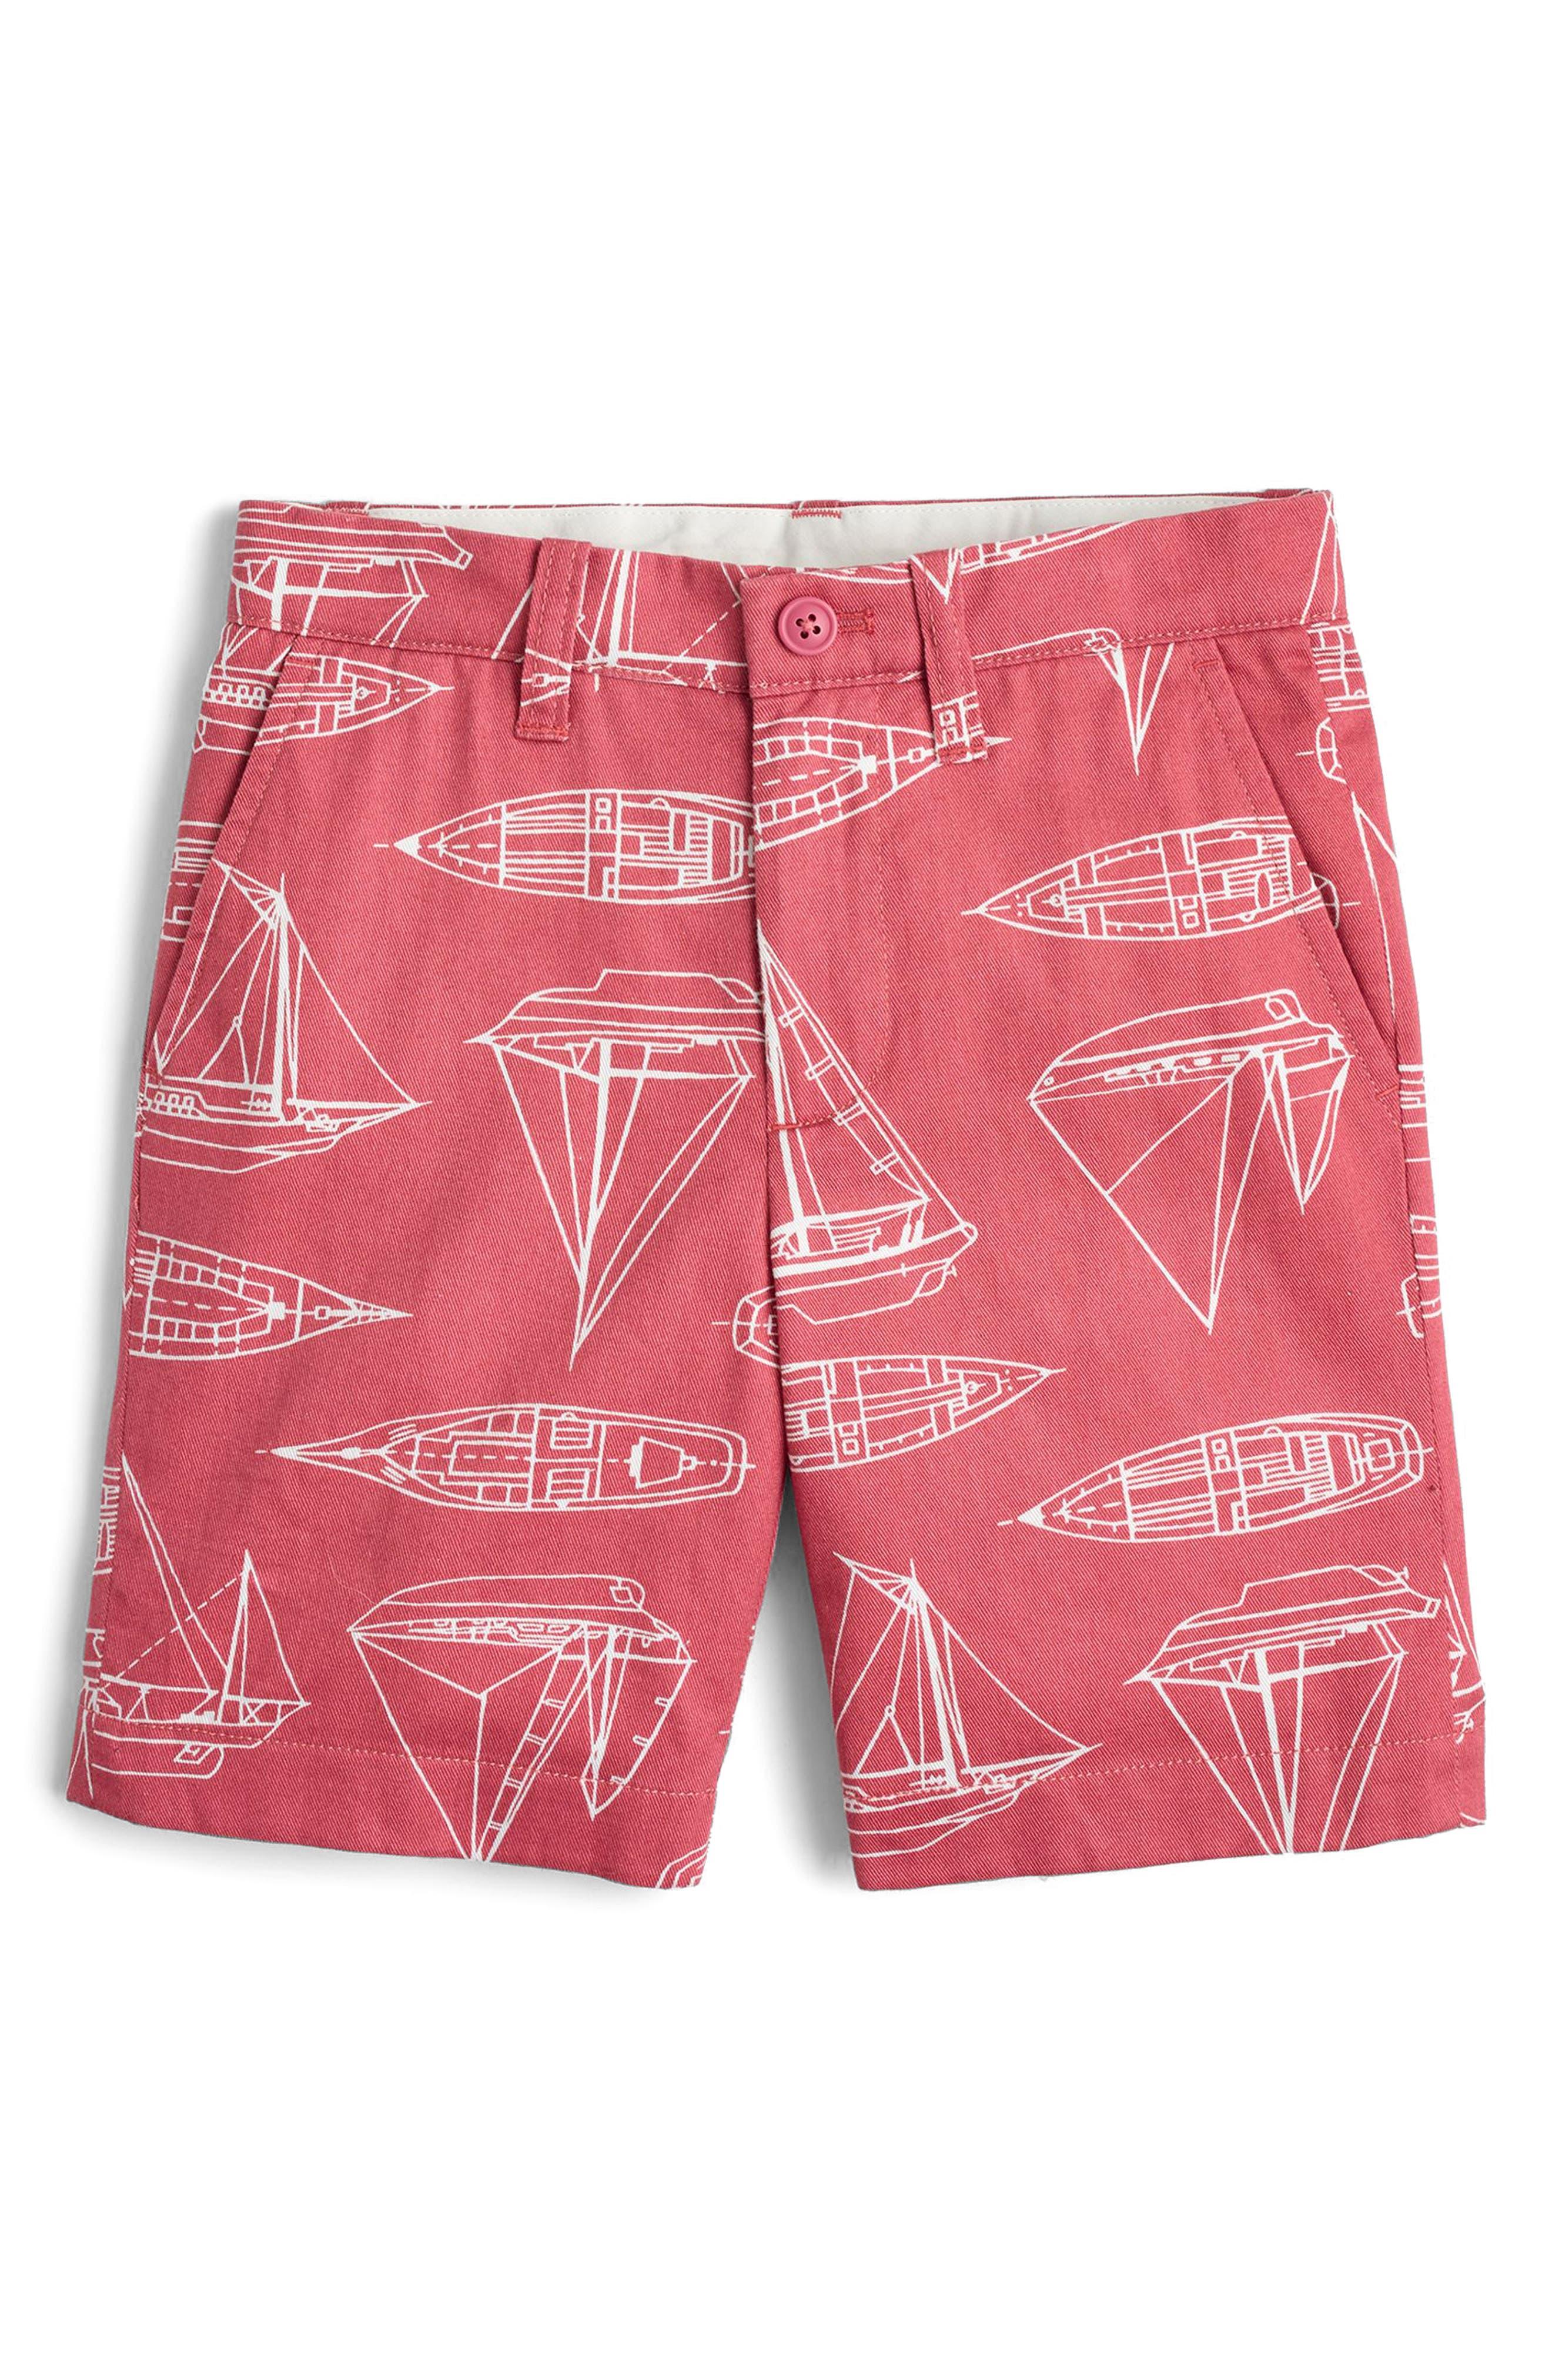 Stanton Boat Print Shorts,                             Main thumbnail 1, color,                             600